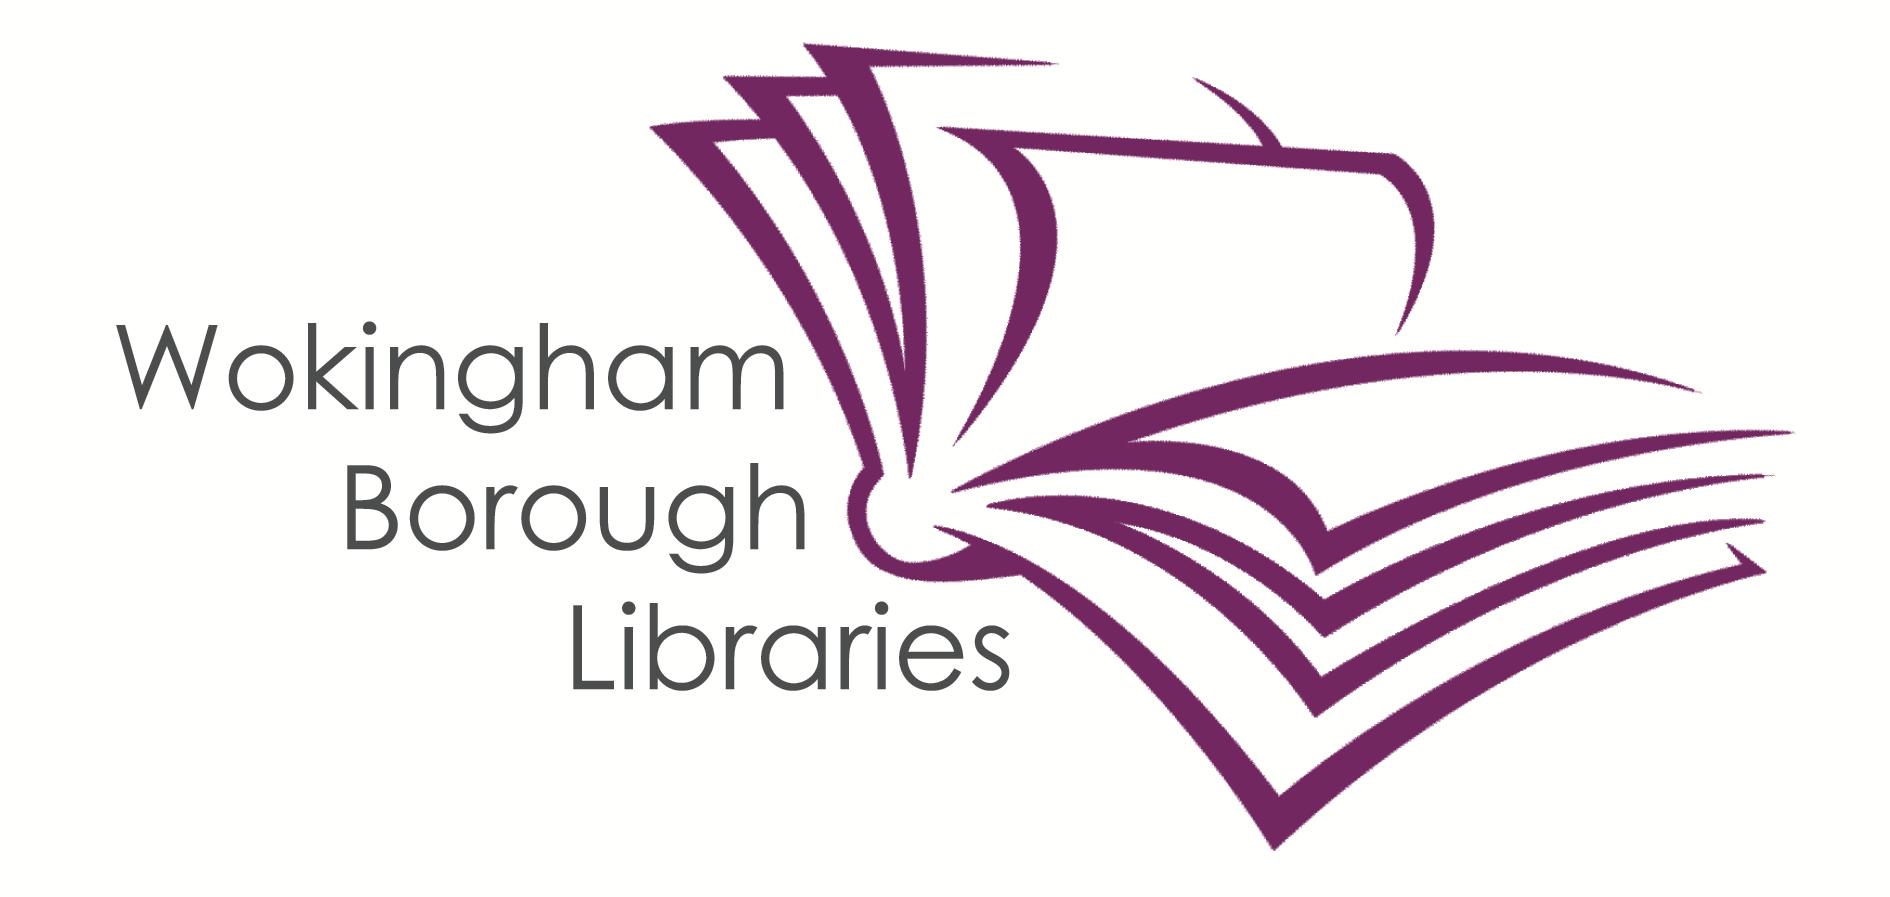 Wokingham Borough Libraries